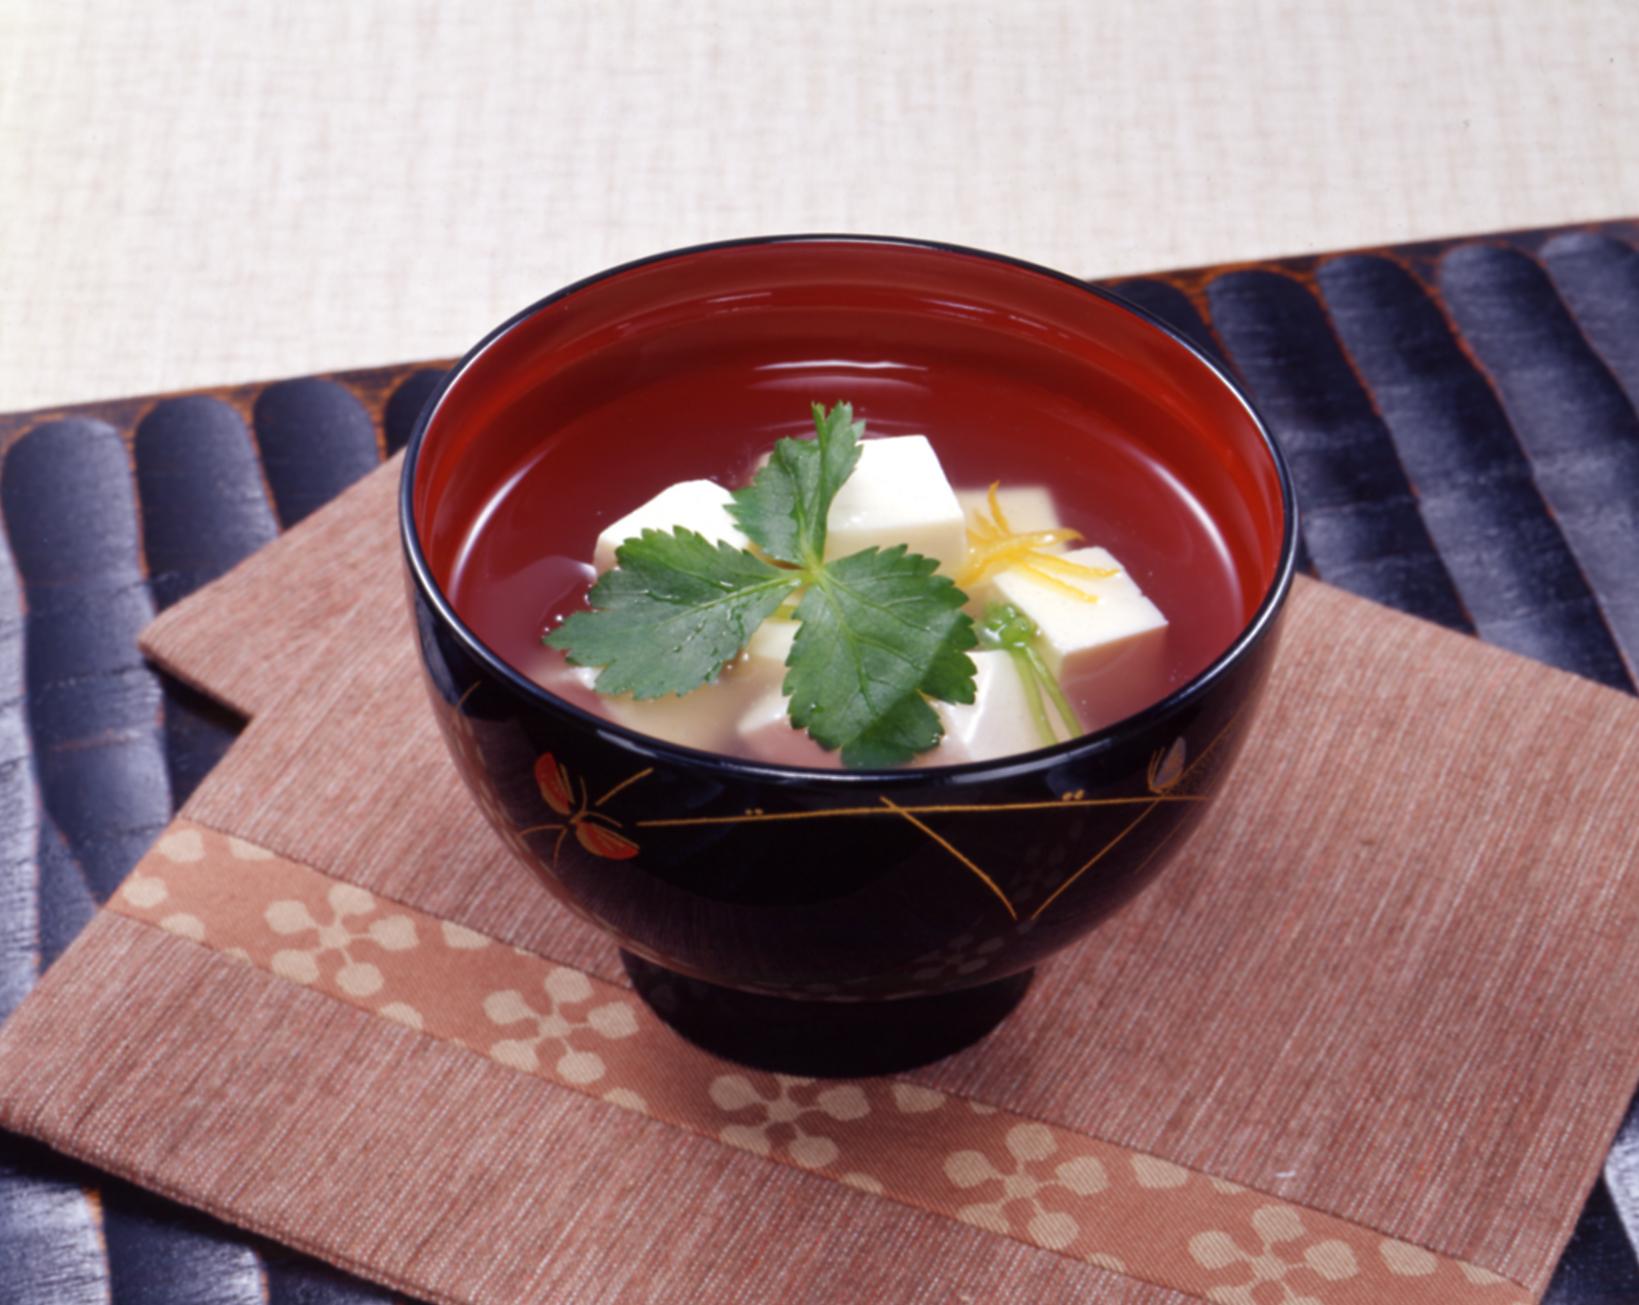 ホッとする日本の味、美味しい出汁が効いたお吸い物のレシピまとめのサムネイル画像